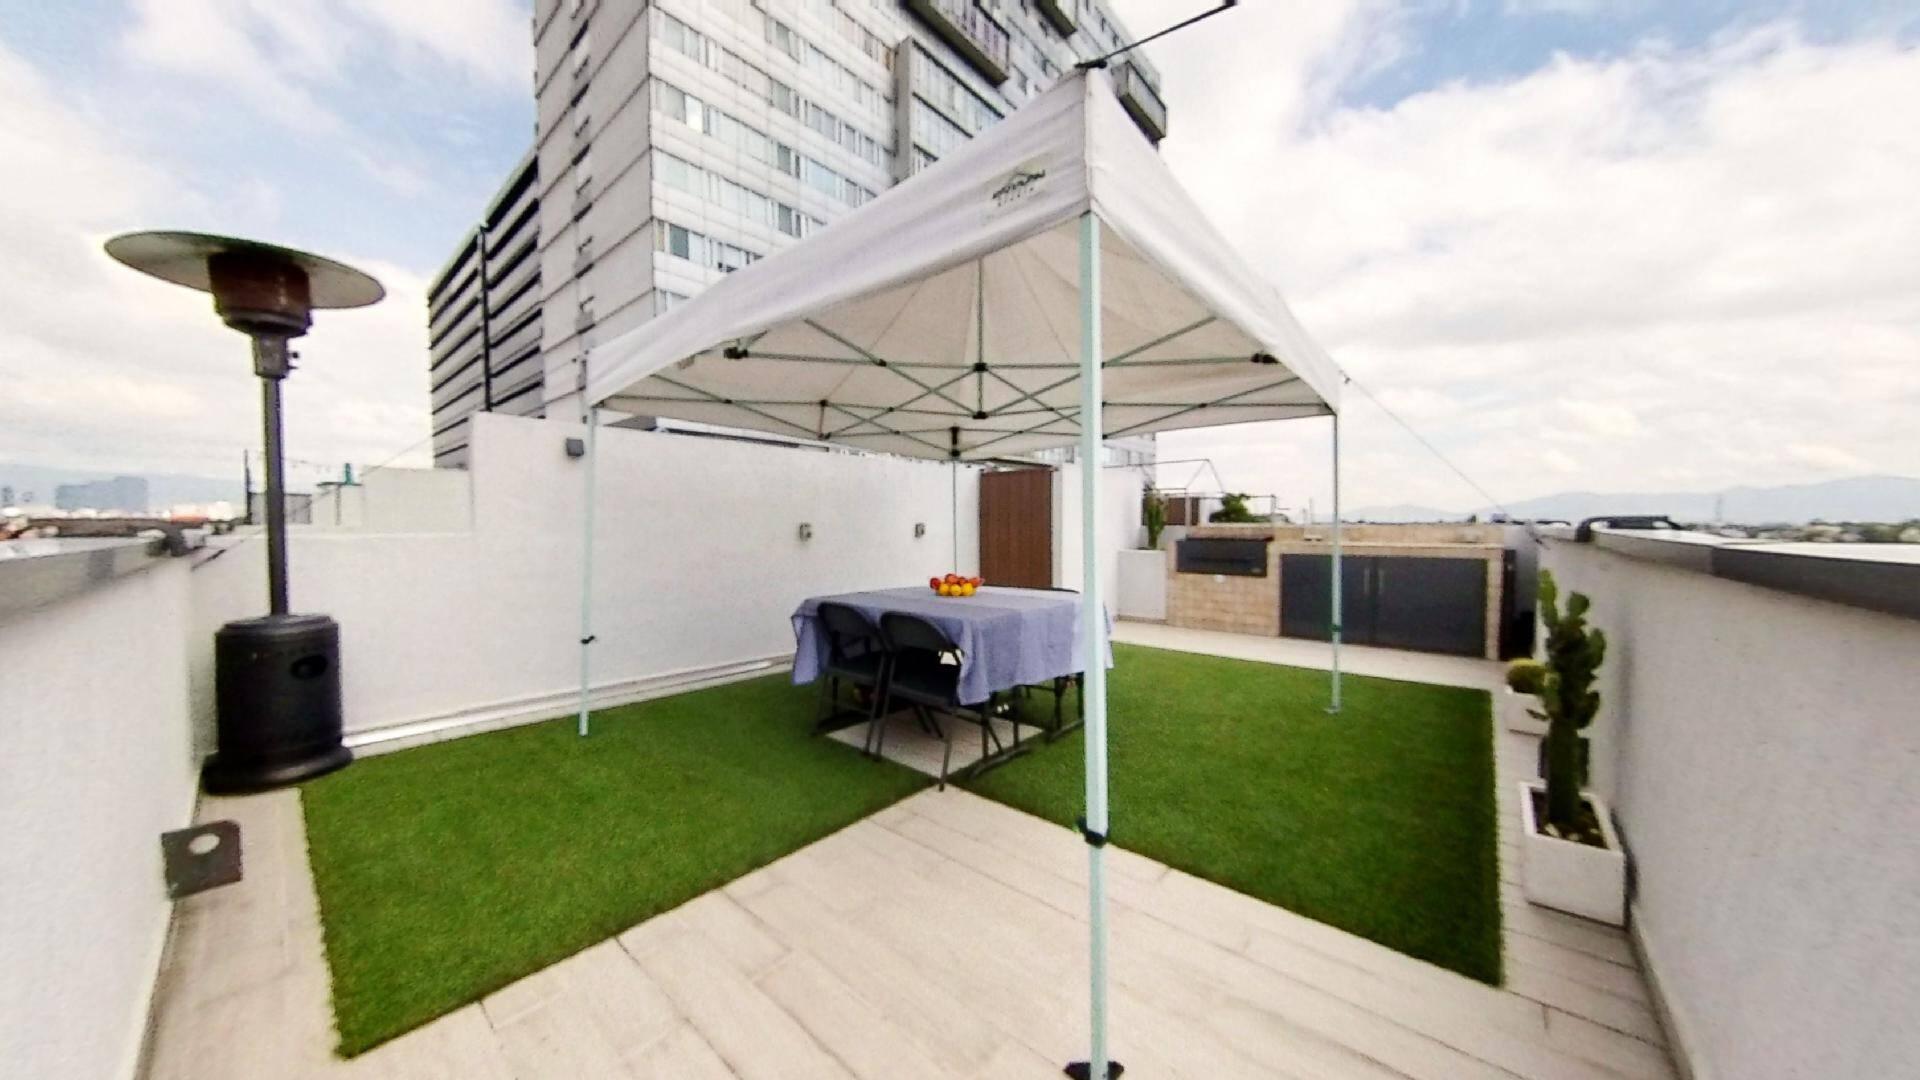 Venta departamento 2 recámaras en Marina Park, con terraza y bodega. Amplia terraza con parrilla argentina y vista abierta a la Ciudad.